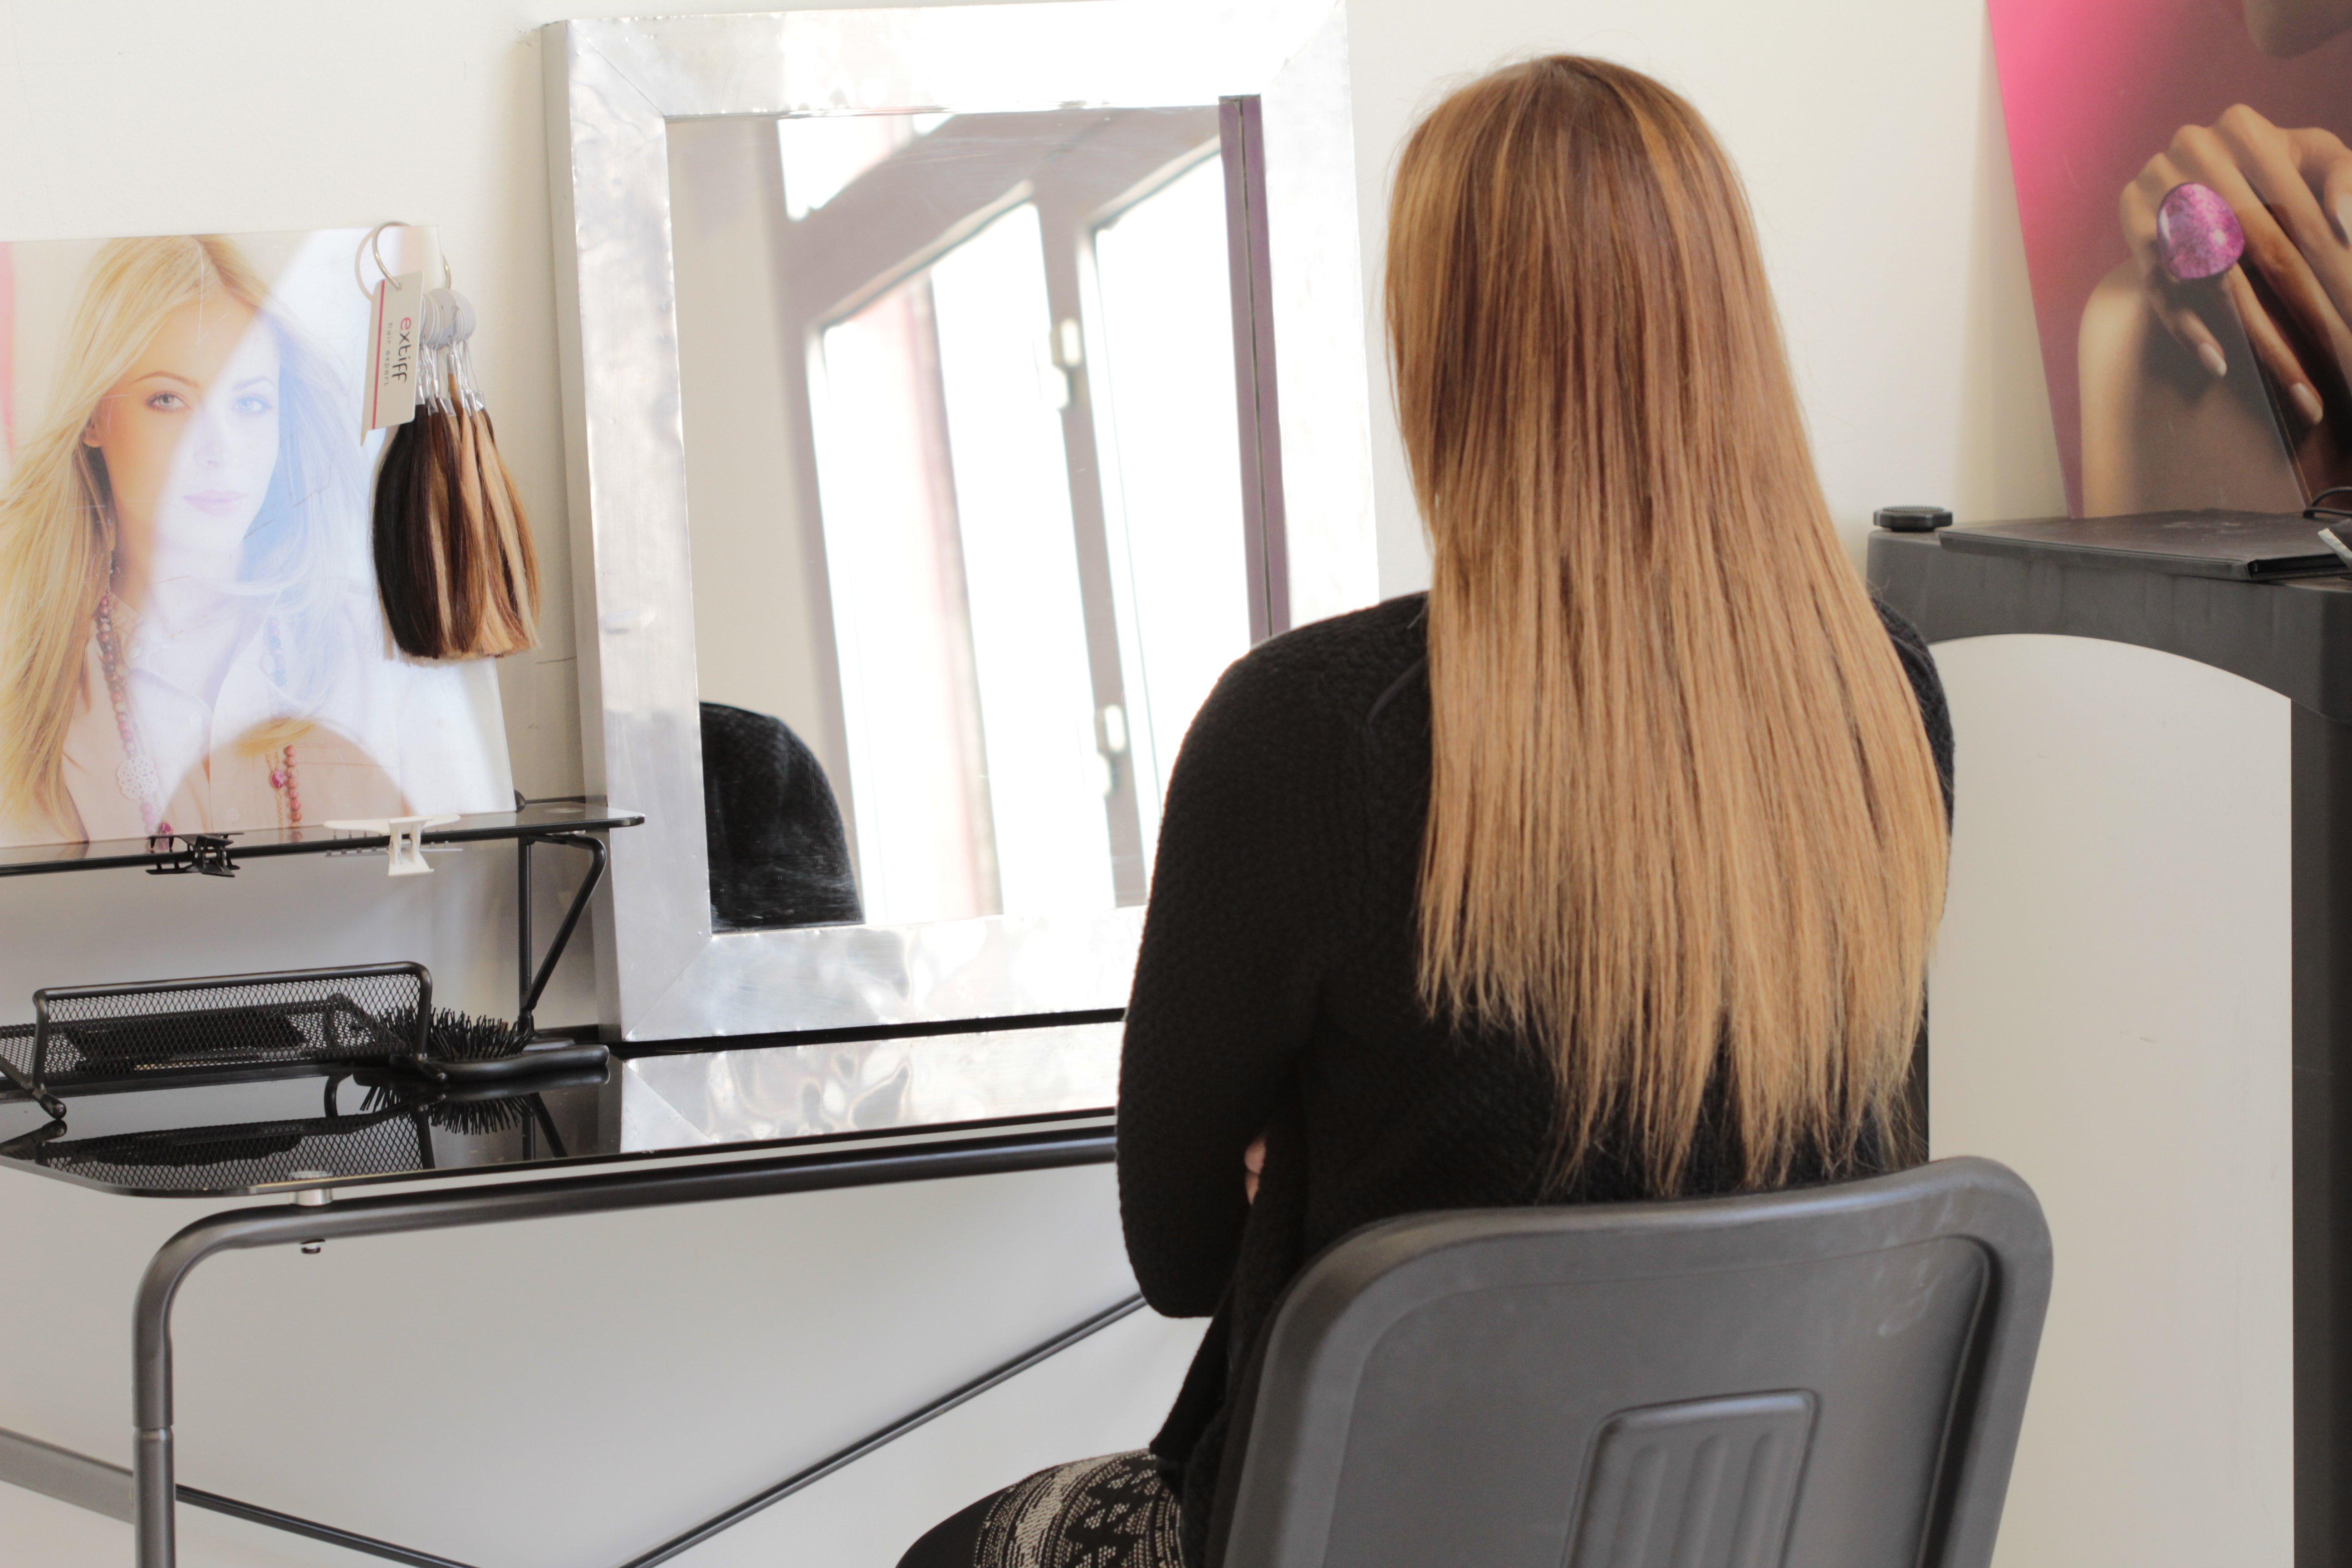 Style de coiffure : Ce que les hommes préfèrent ?